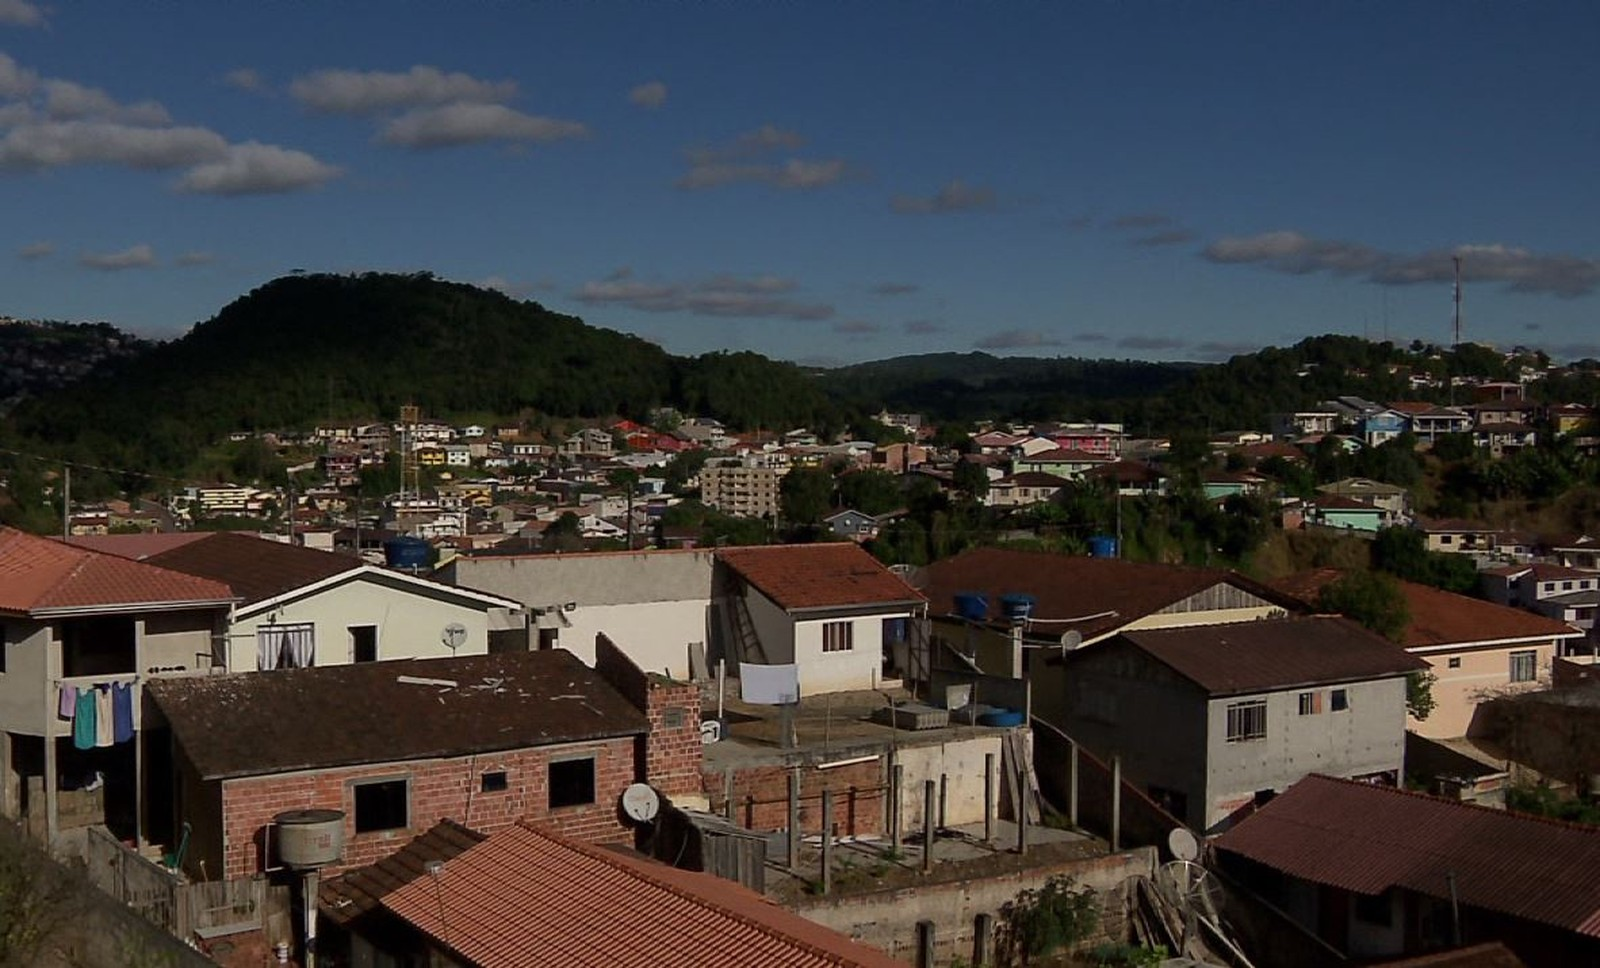 Moradores relatam tremores de terra no Paraná